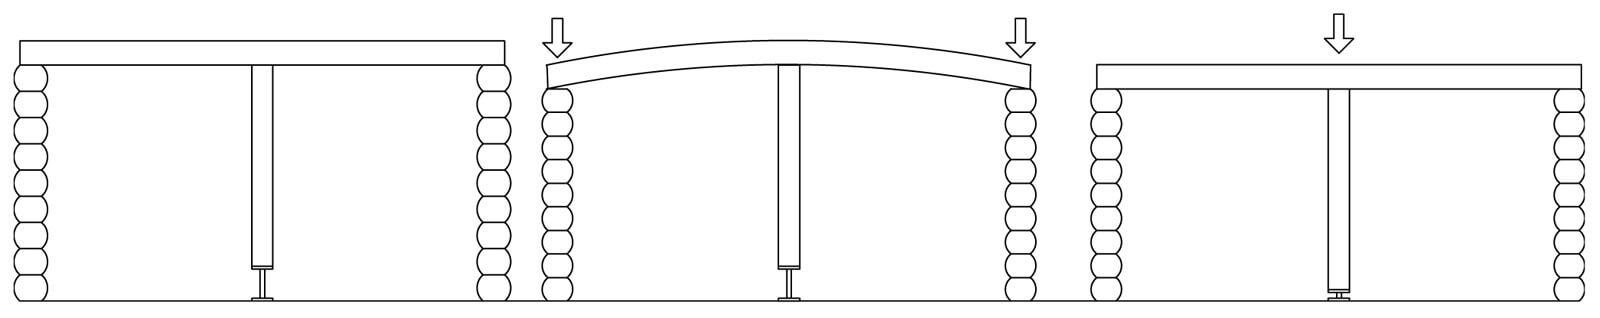 Zdj. 5. Zastosowanie regulowanych podstaw słupa w domach z bali drewnianych – kompensacja różnic osiadań w skutek skurczu drewna. Regulowane podstawy drewnianych słupów